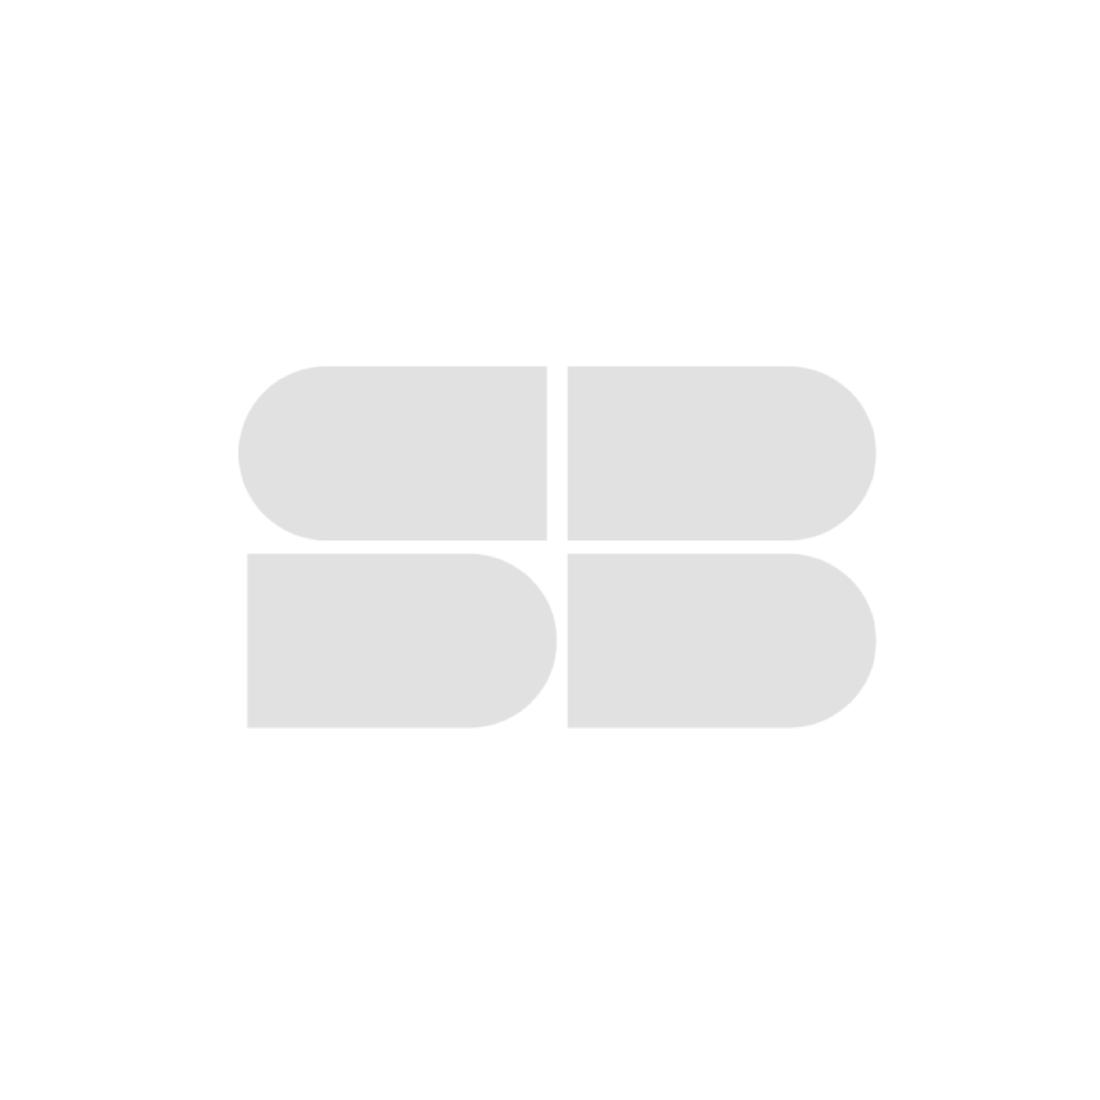 39013131-mattress-bedding-mattresses-pocket-spring-mattress-32